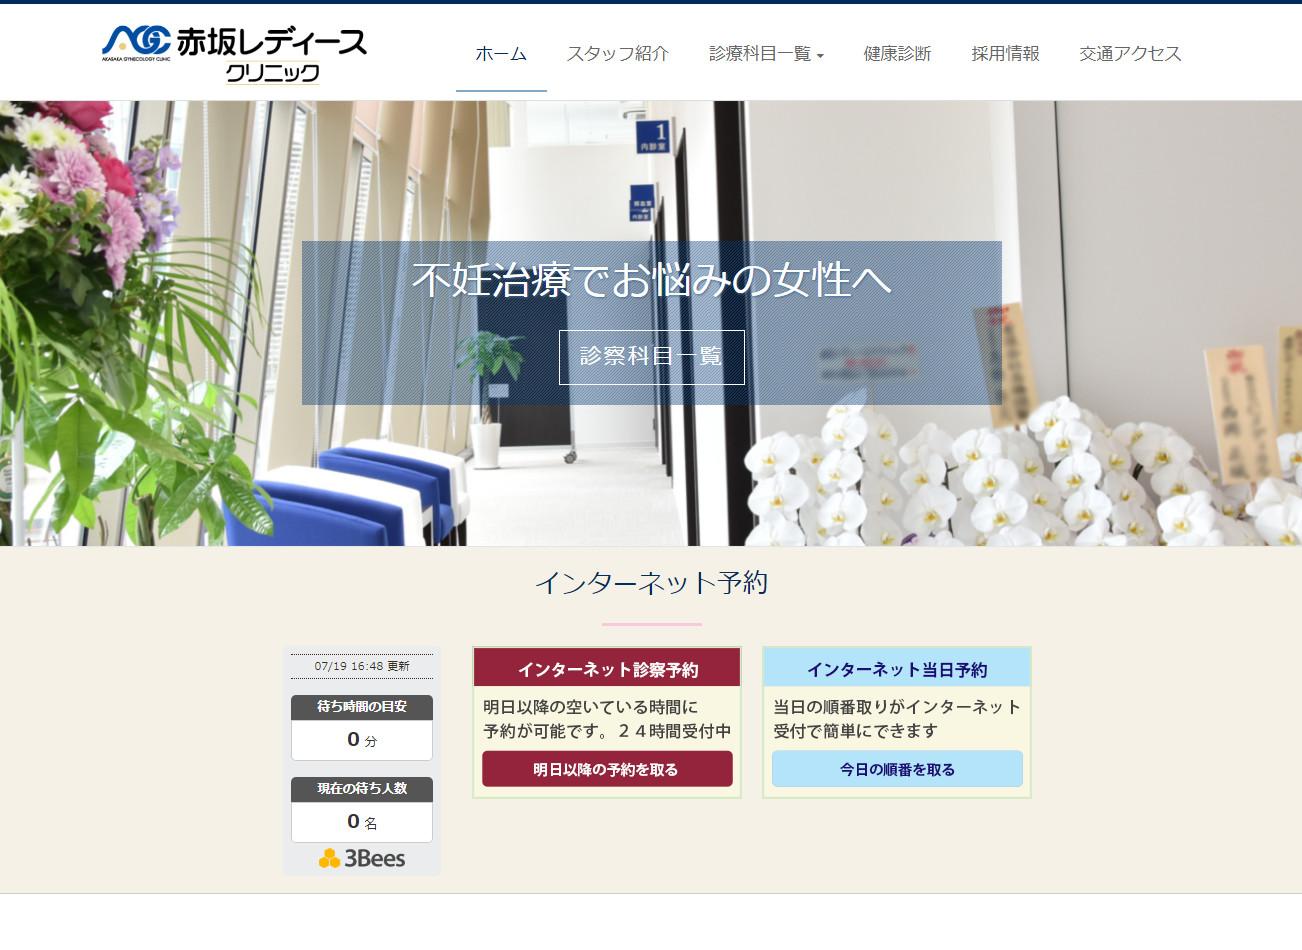 東京都港区赤坂 赤坂レディースクリニックポータルサイト